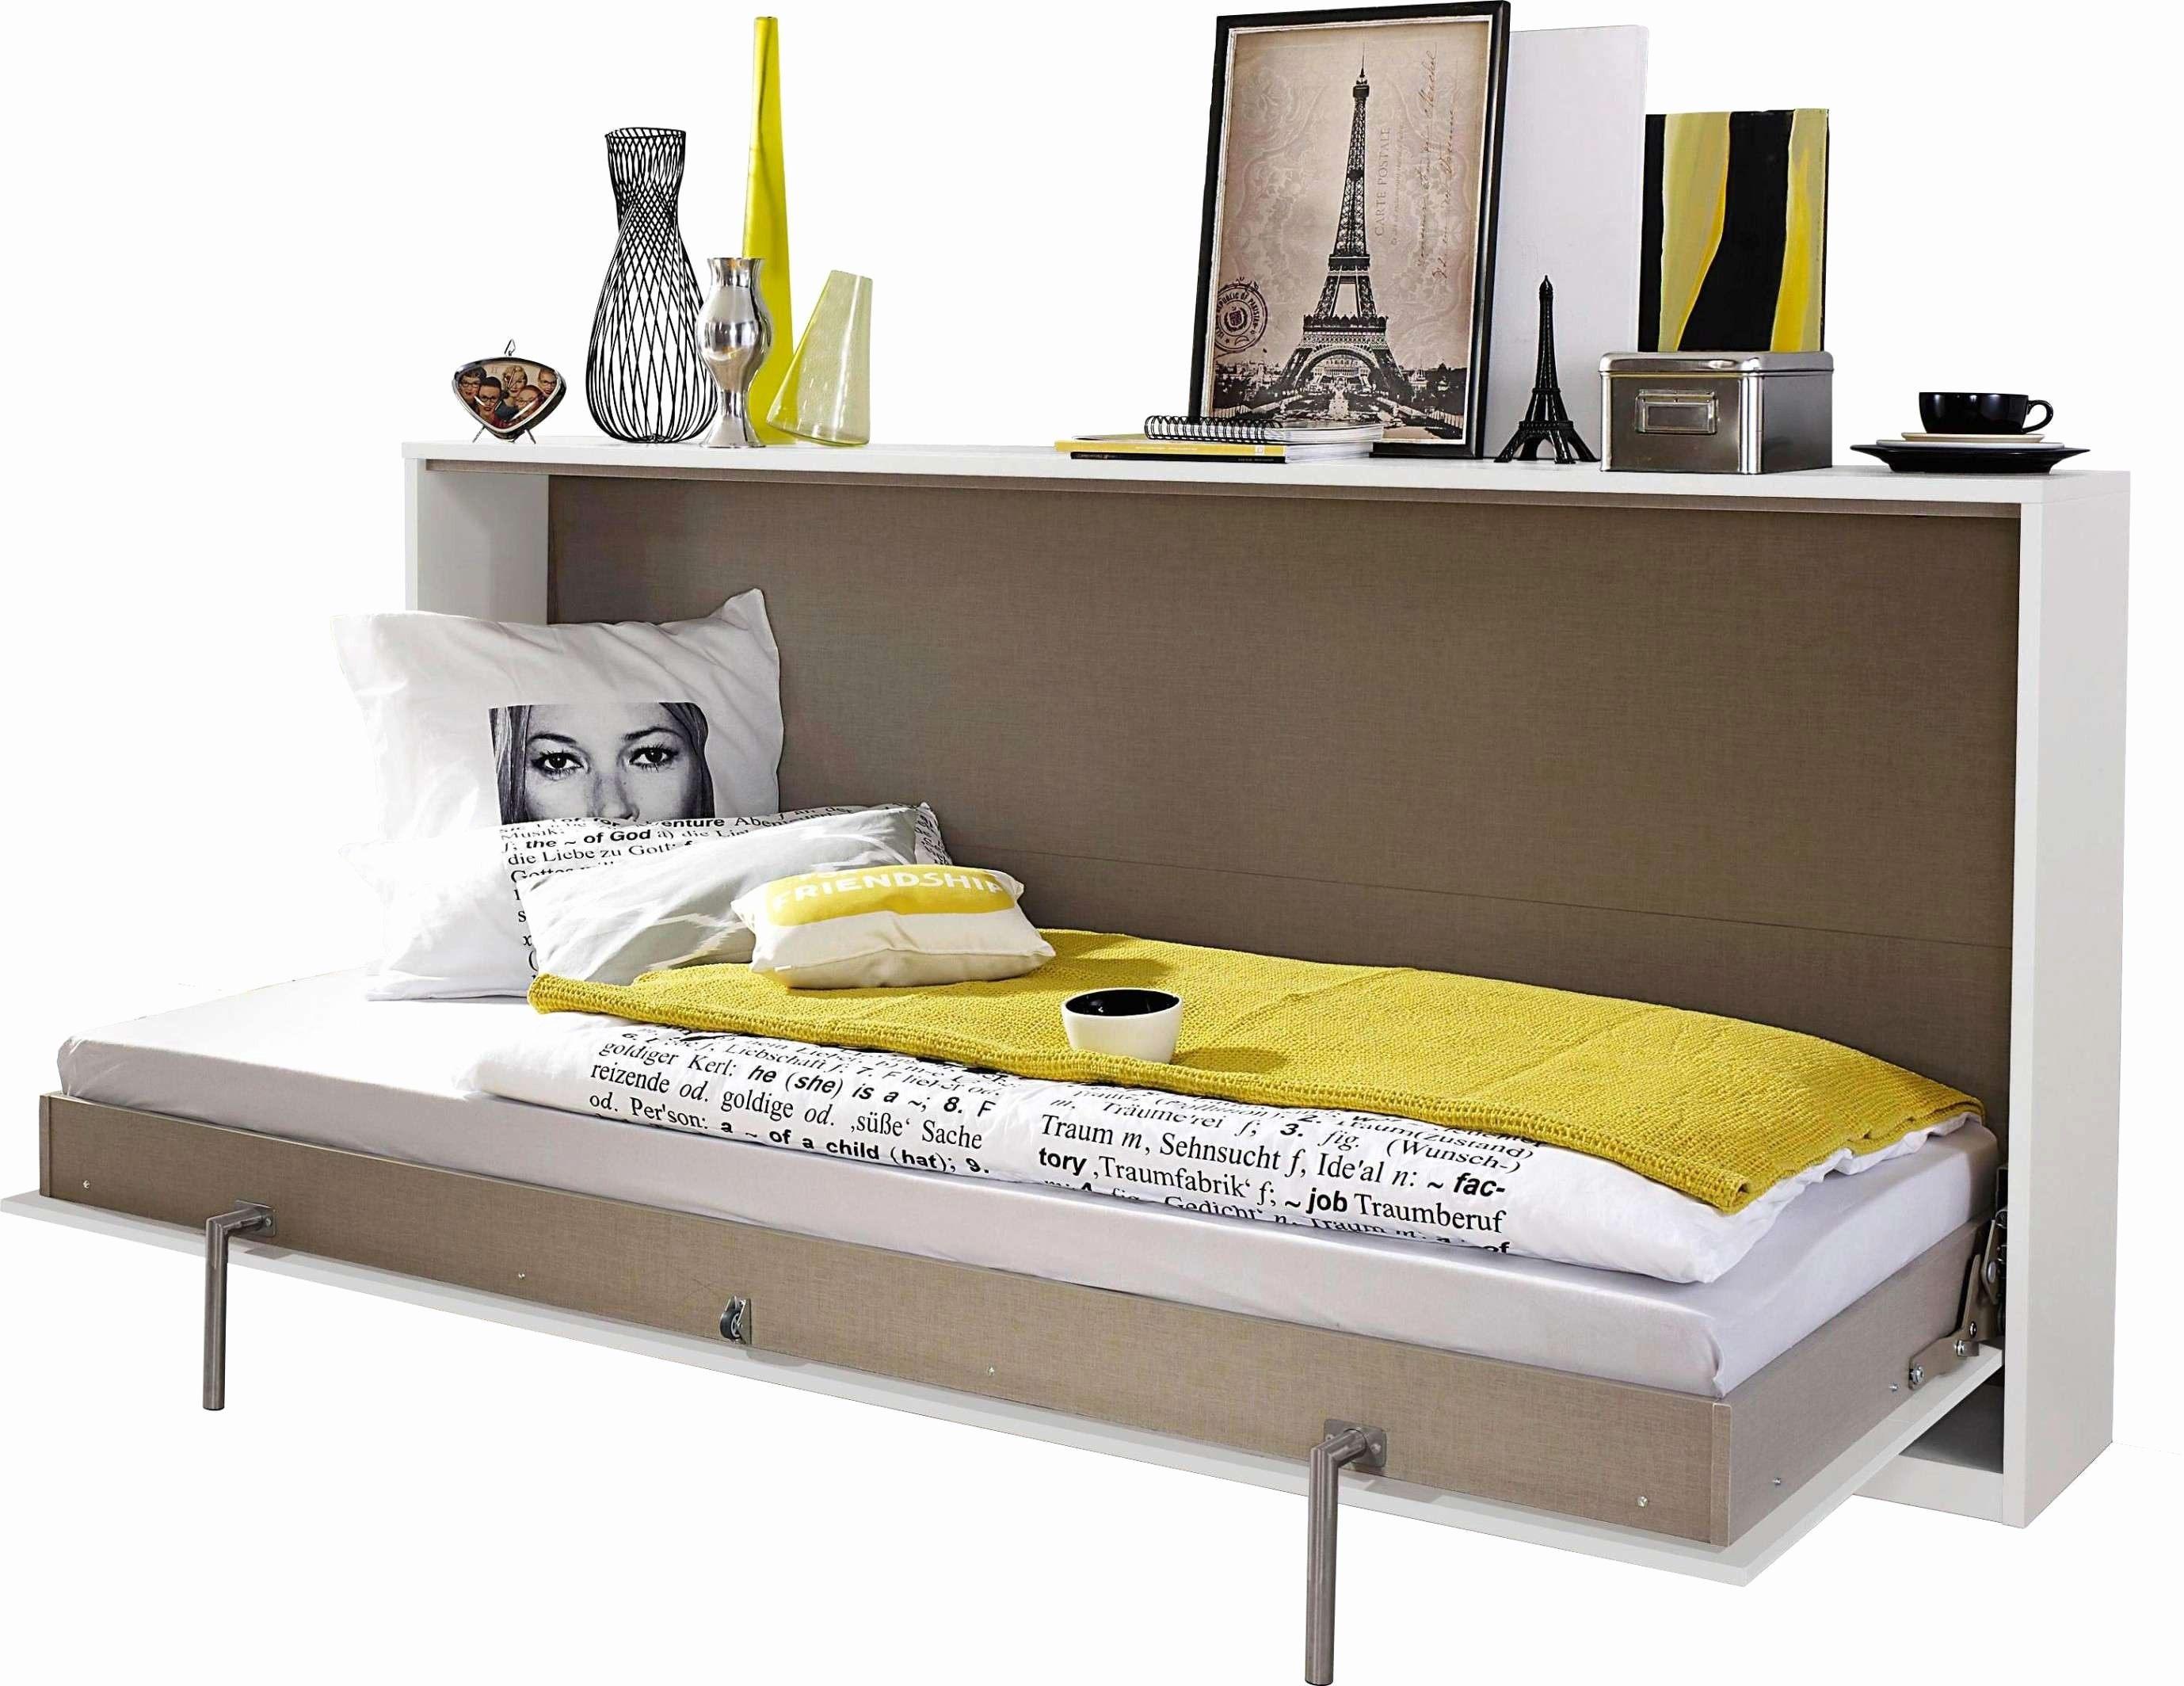 Tete De Lit 160×200 Magnifique Couette Pour Lit 160—200 Ikea élégant Tete De Lit Led L Gant 30 L